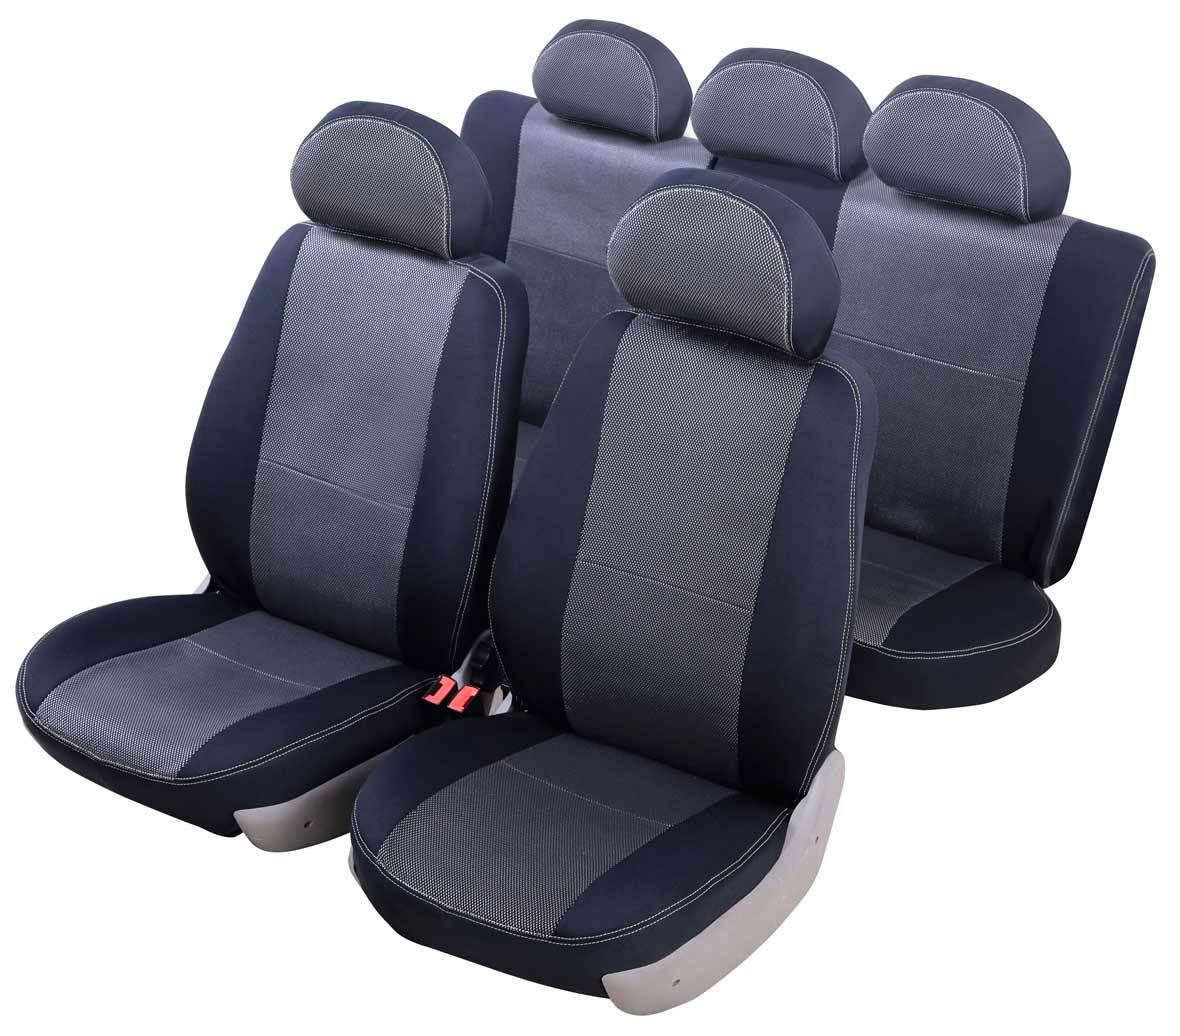 Чехол на сиденье Senator Dakkar mitsubishi lancer x комплект чехлов на весь салон senator dakkar s3010391 renault duster от 2011 black